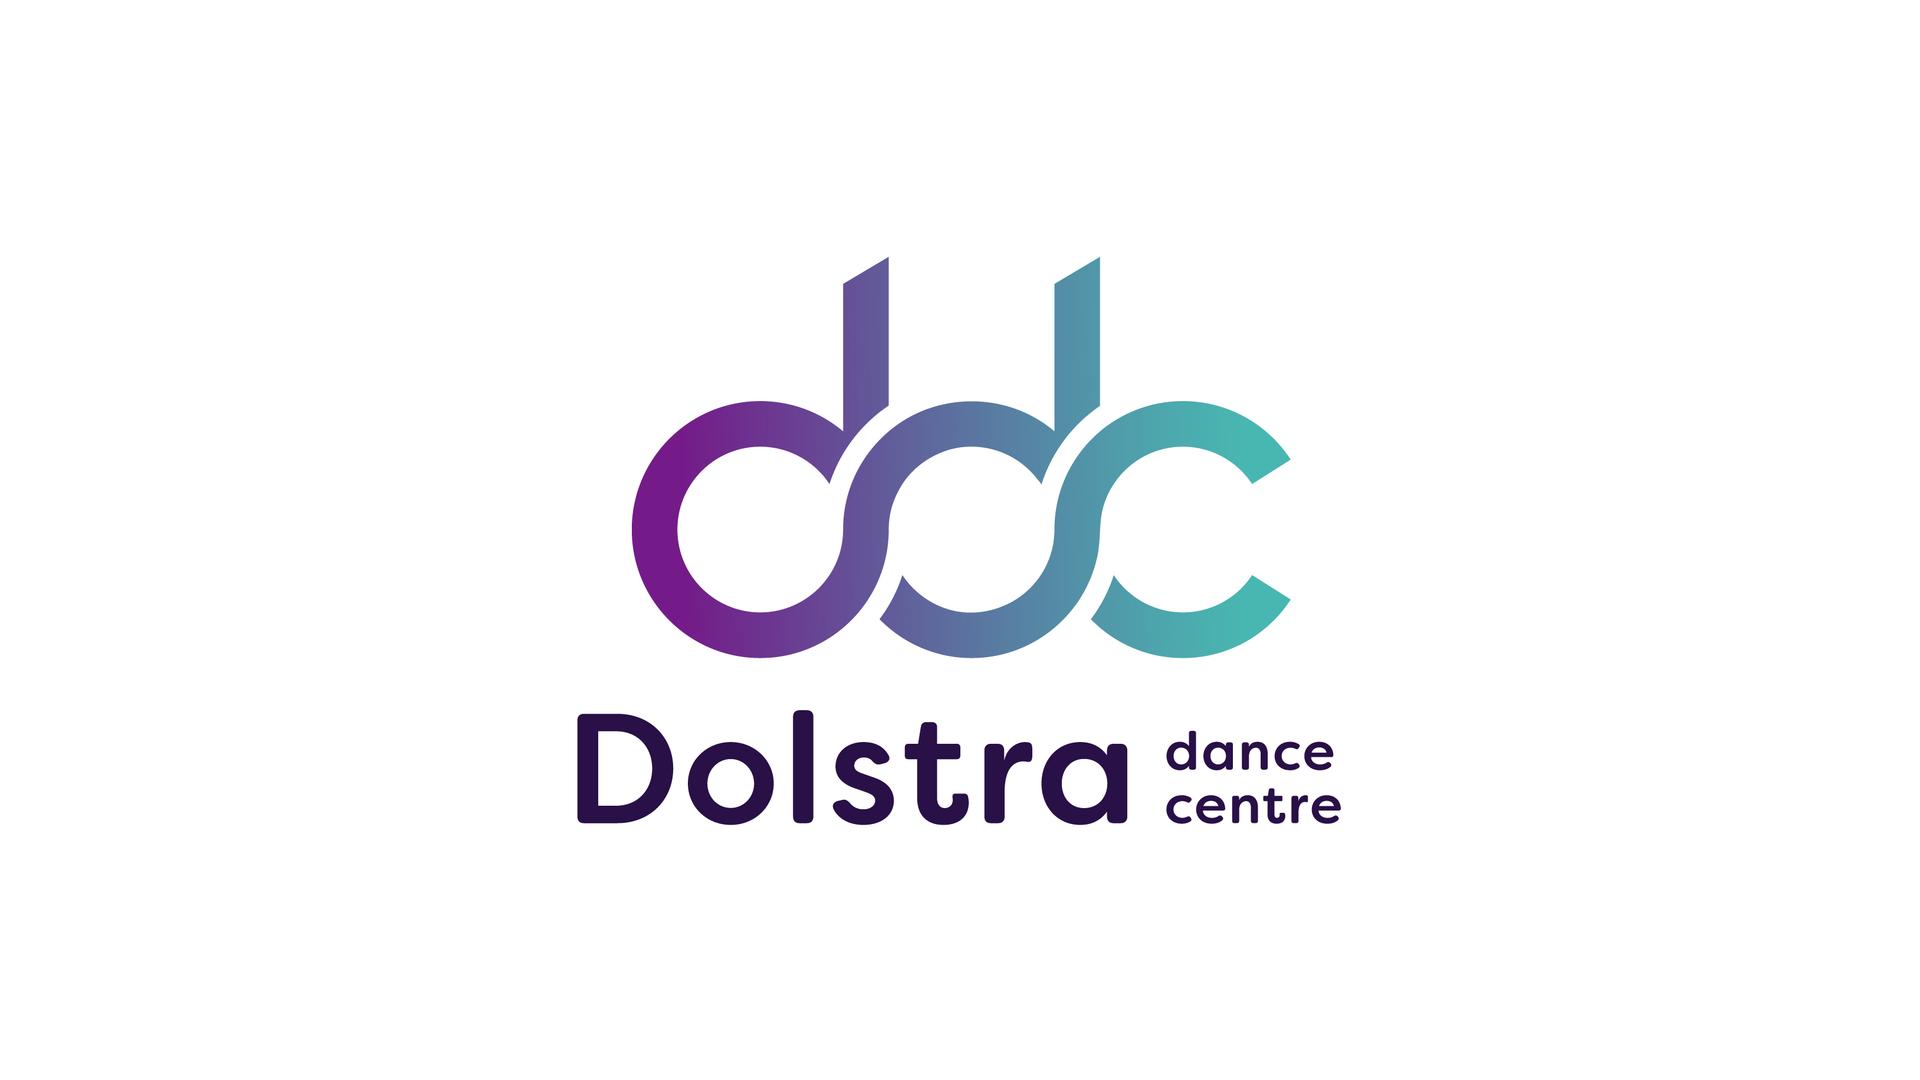 Dansinstituut Dolstra